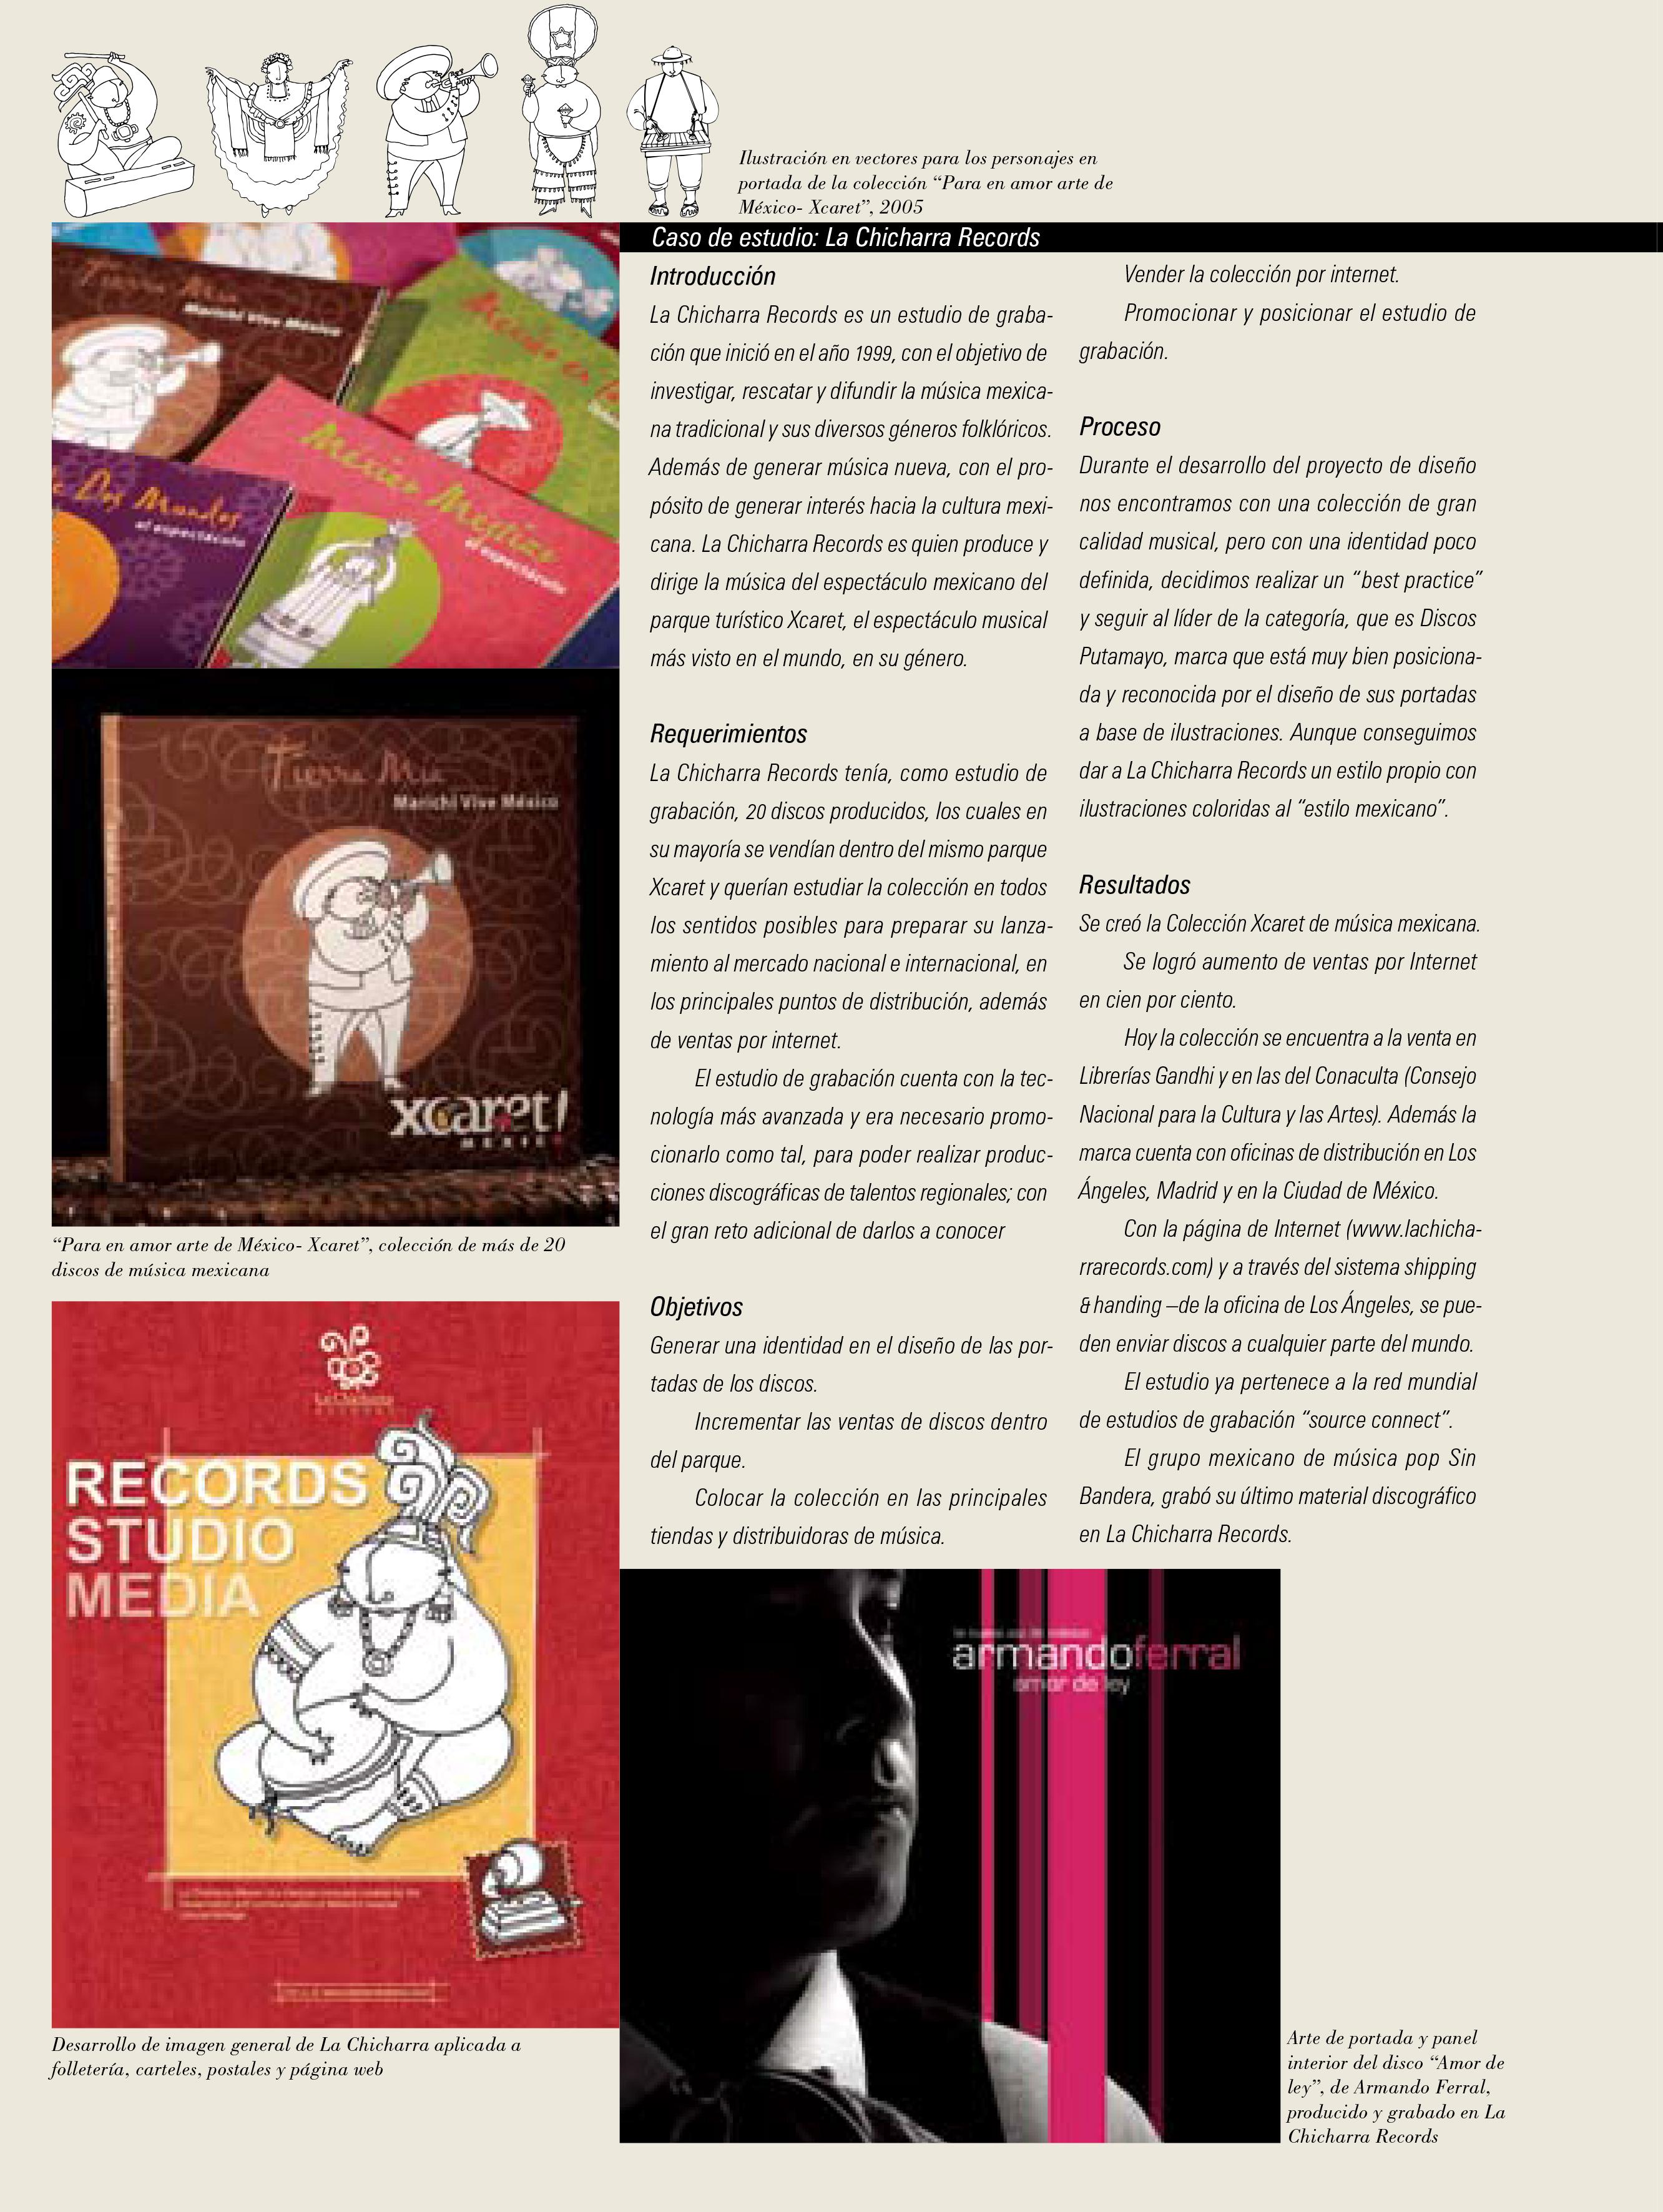 a! Diseño entrevista a Jorge Arechandieta 3